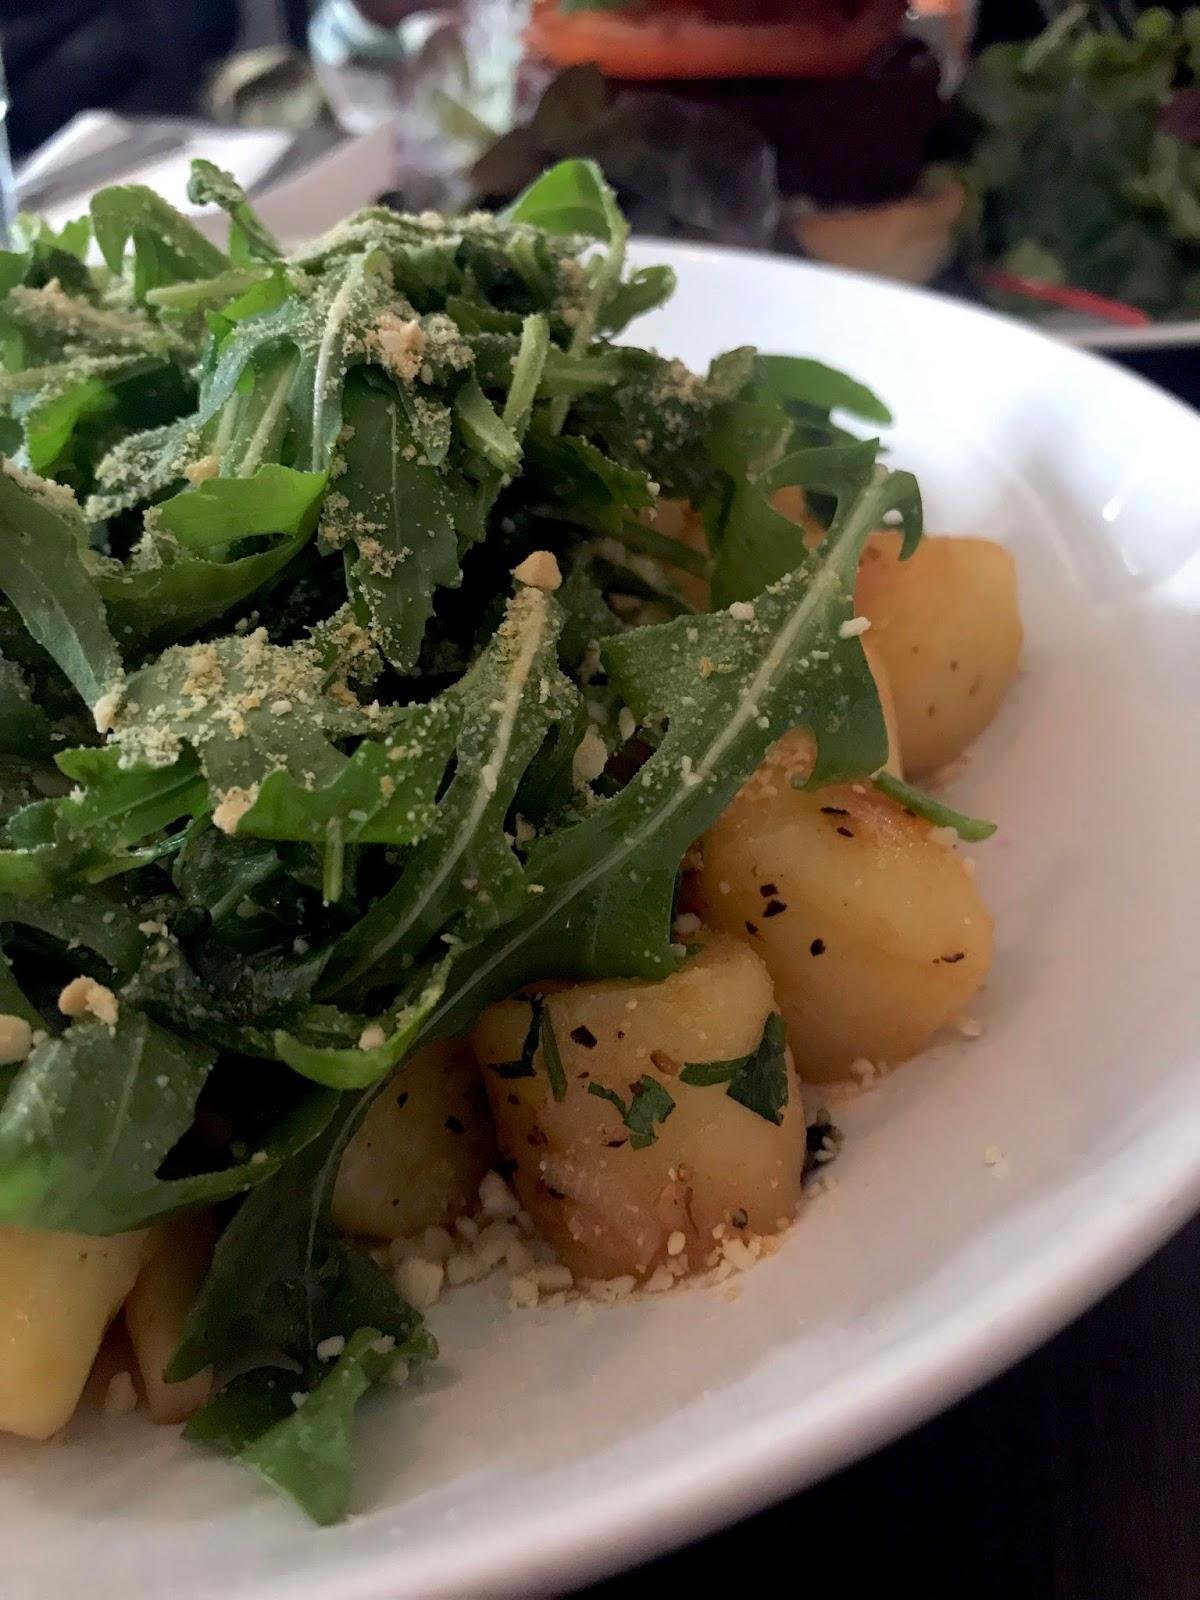 Stitch & Bear - Sova Vegan Butcher - Potato gnocchi